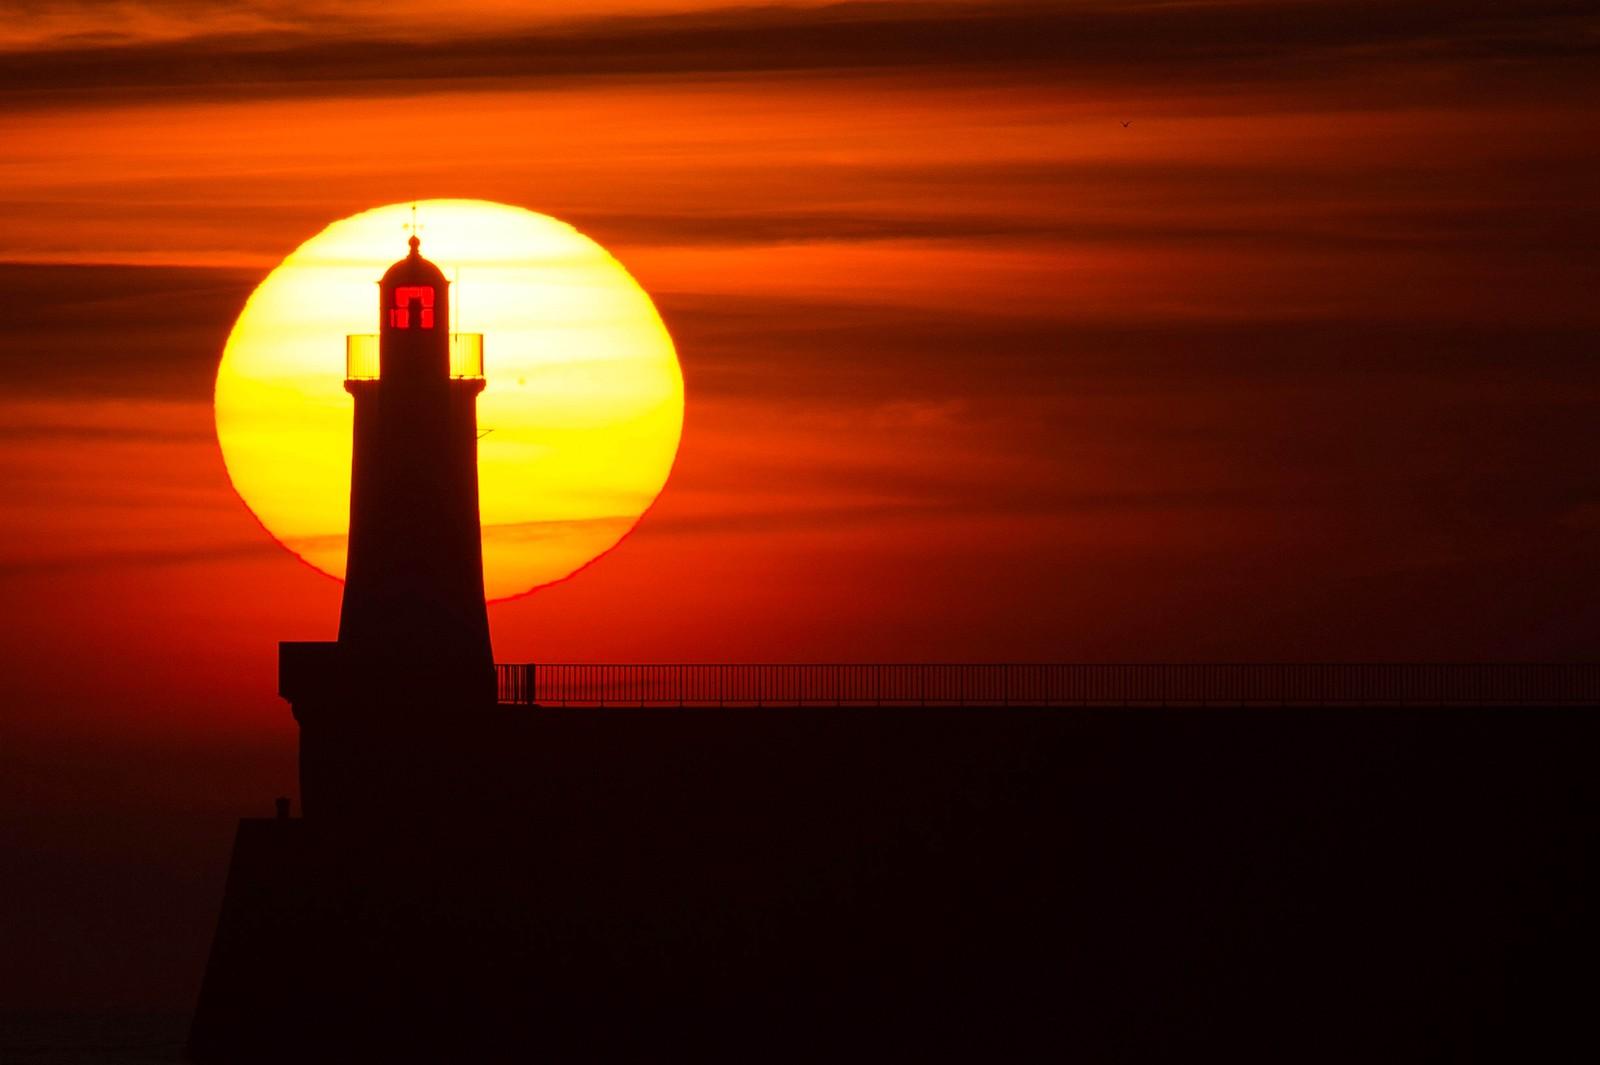 Vakker solnedgang i Les Sables d'Olonne i Frankrike.